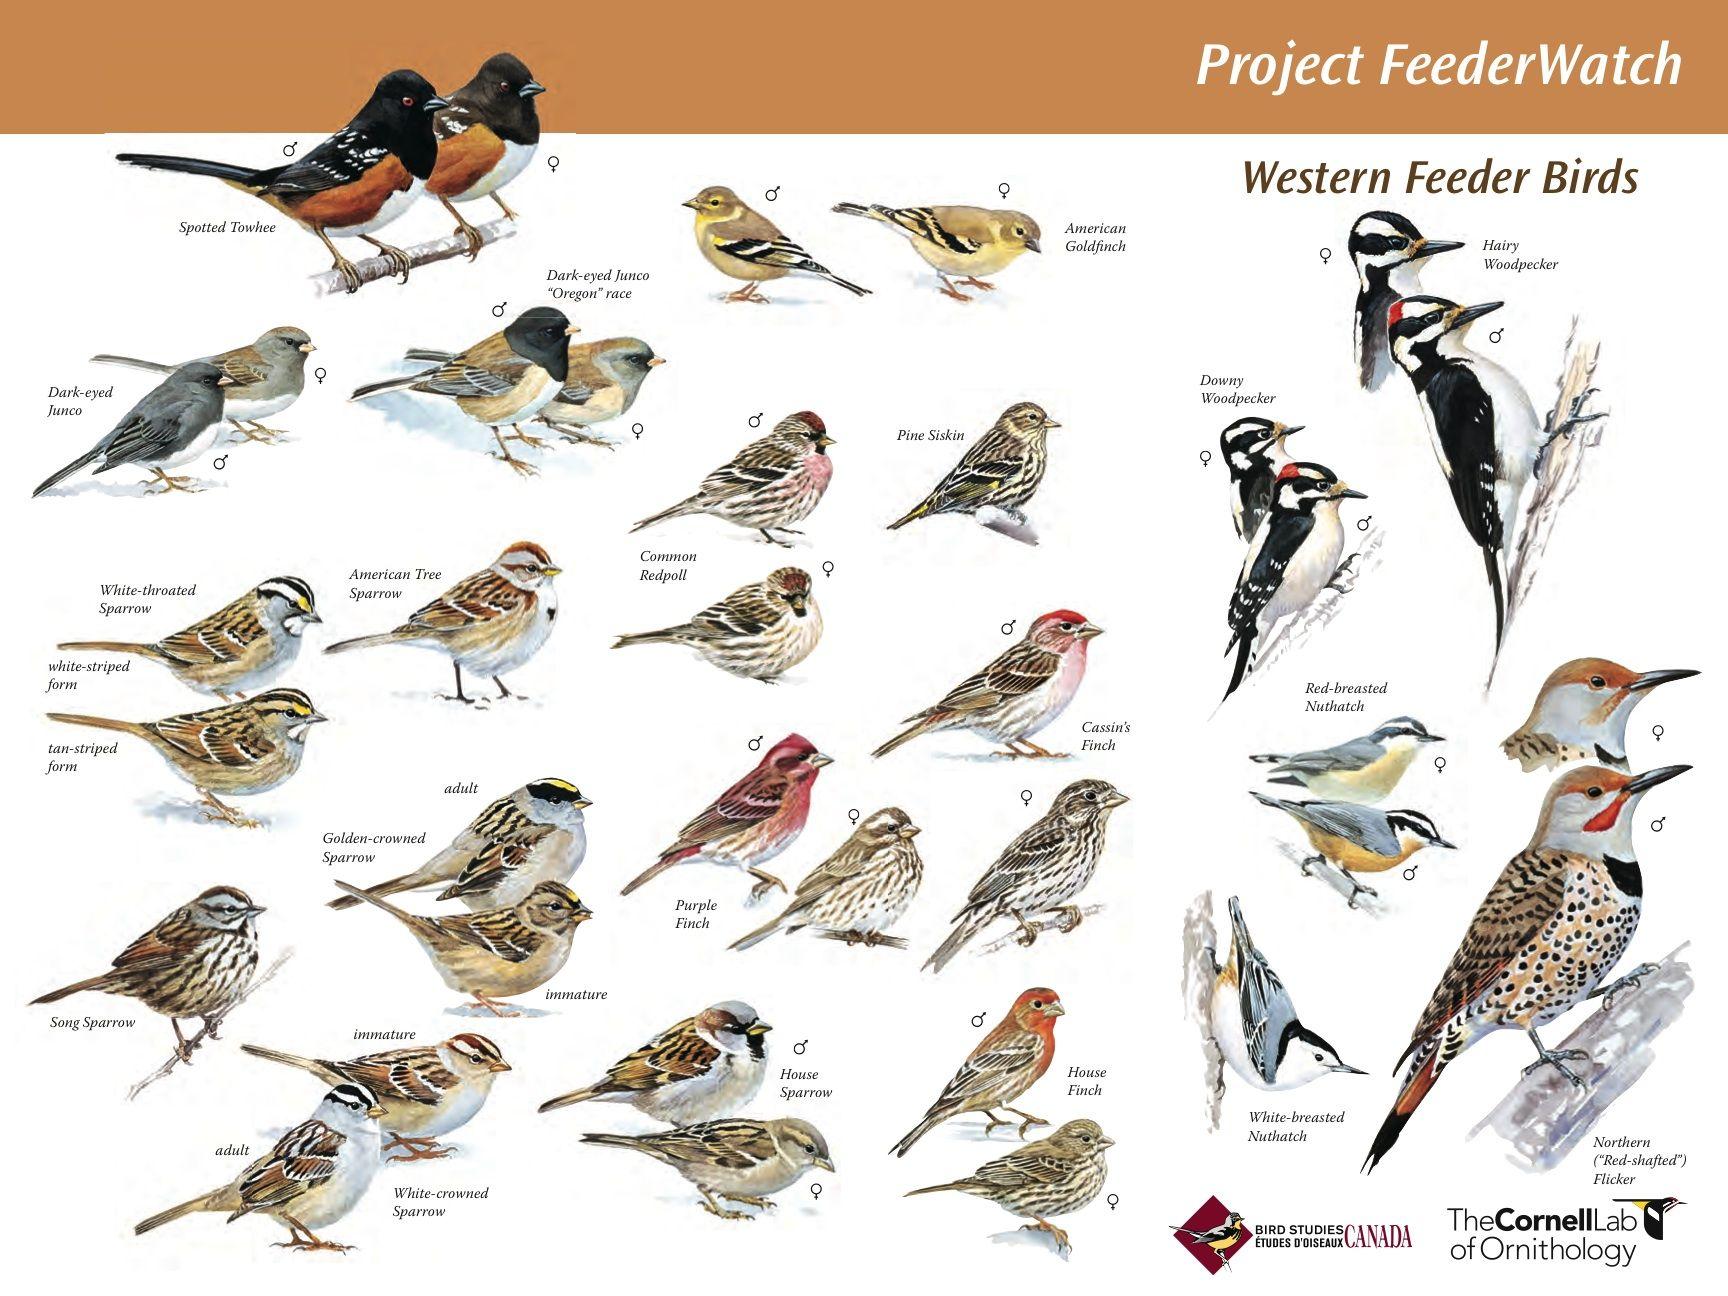 bird identification - DriverLayer Search Engine